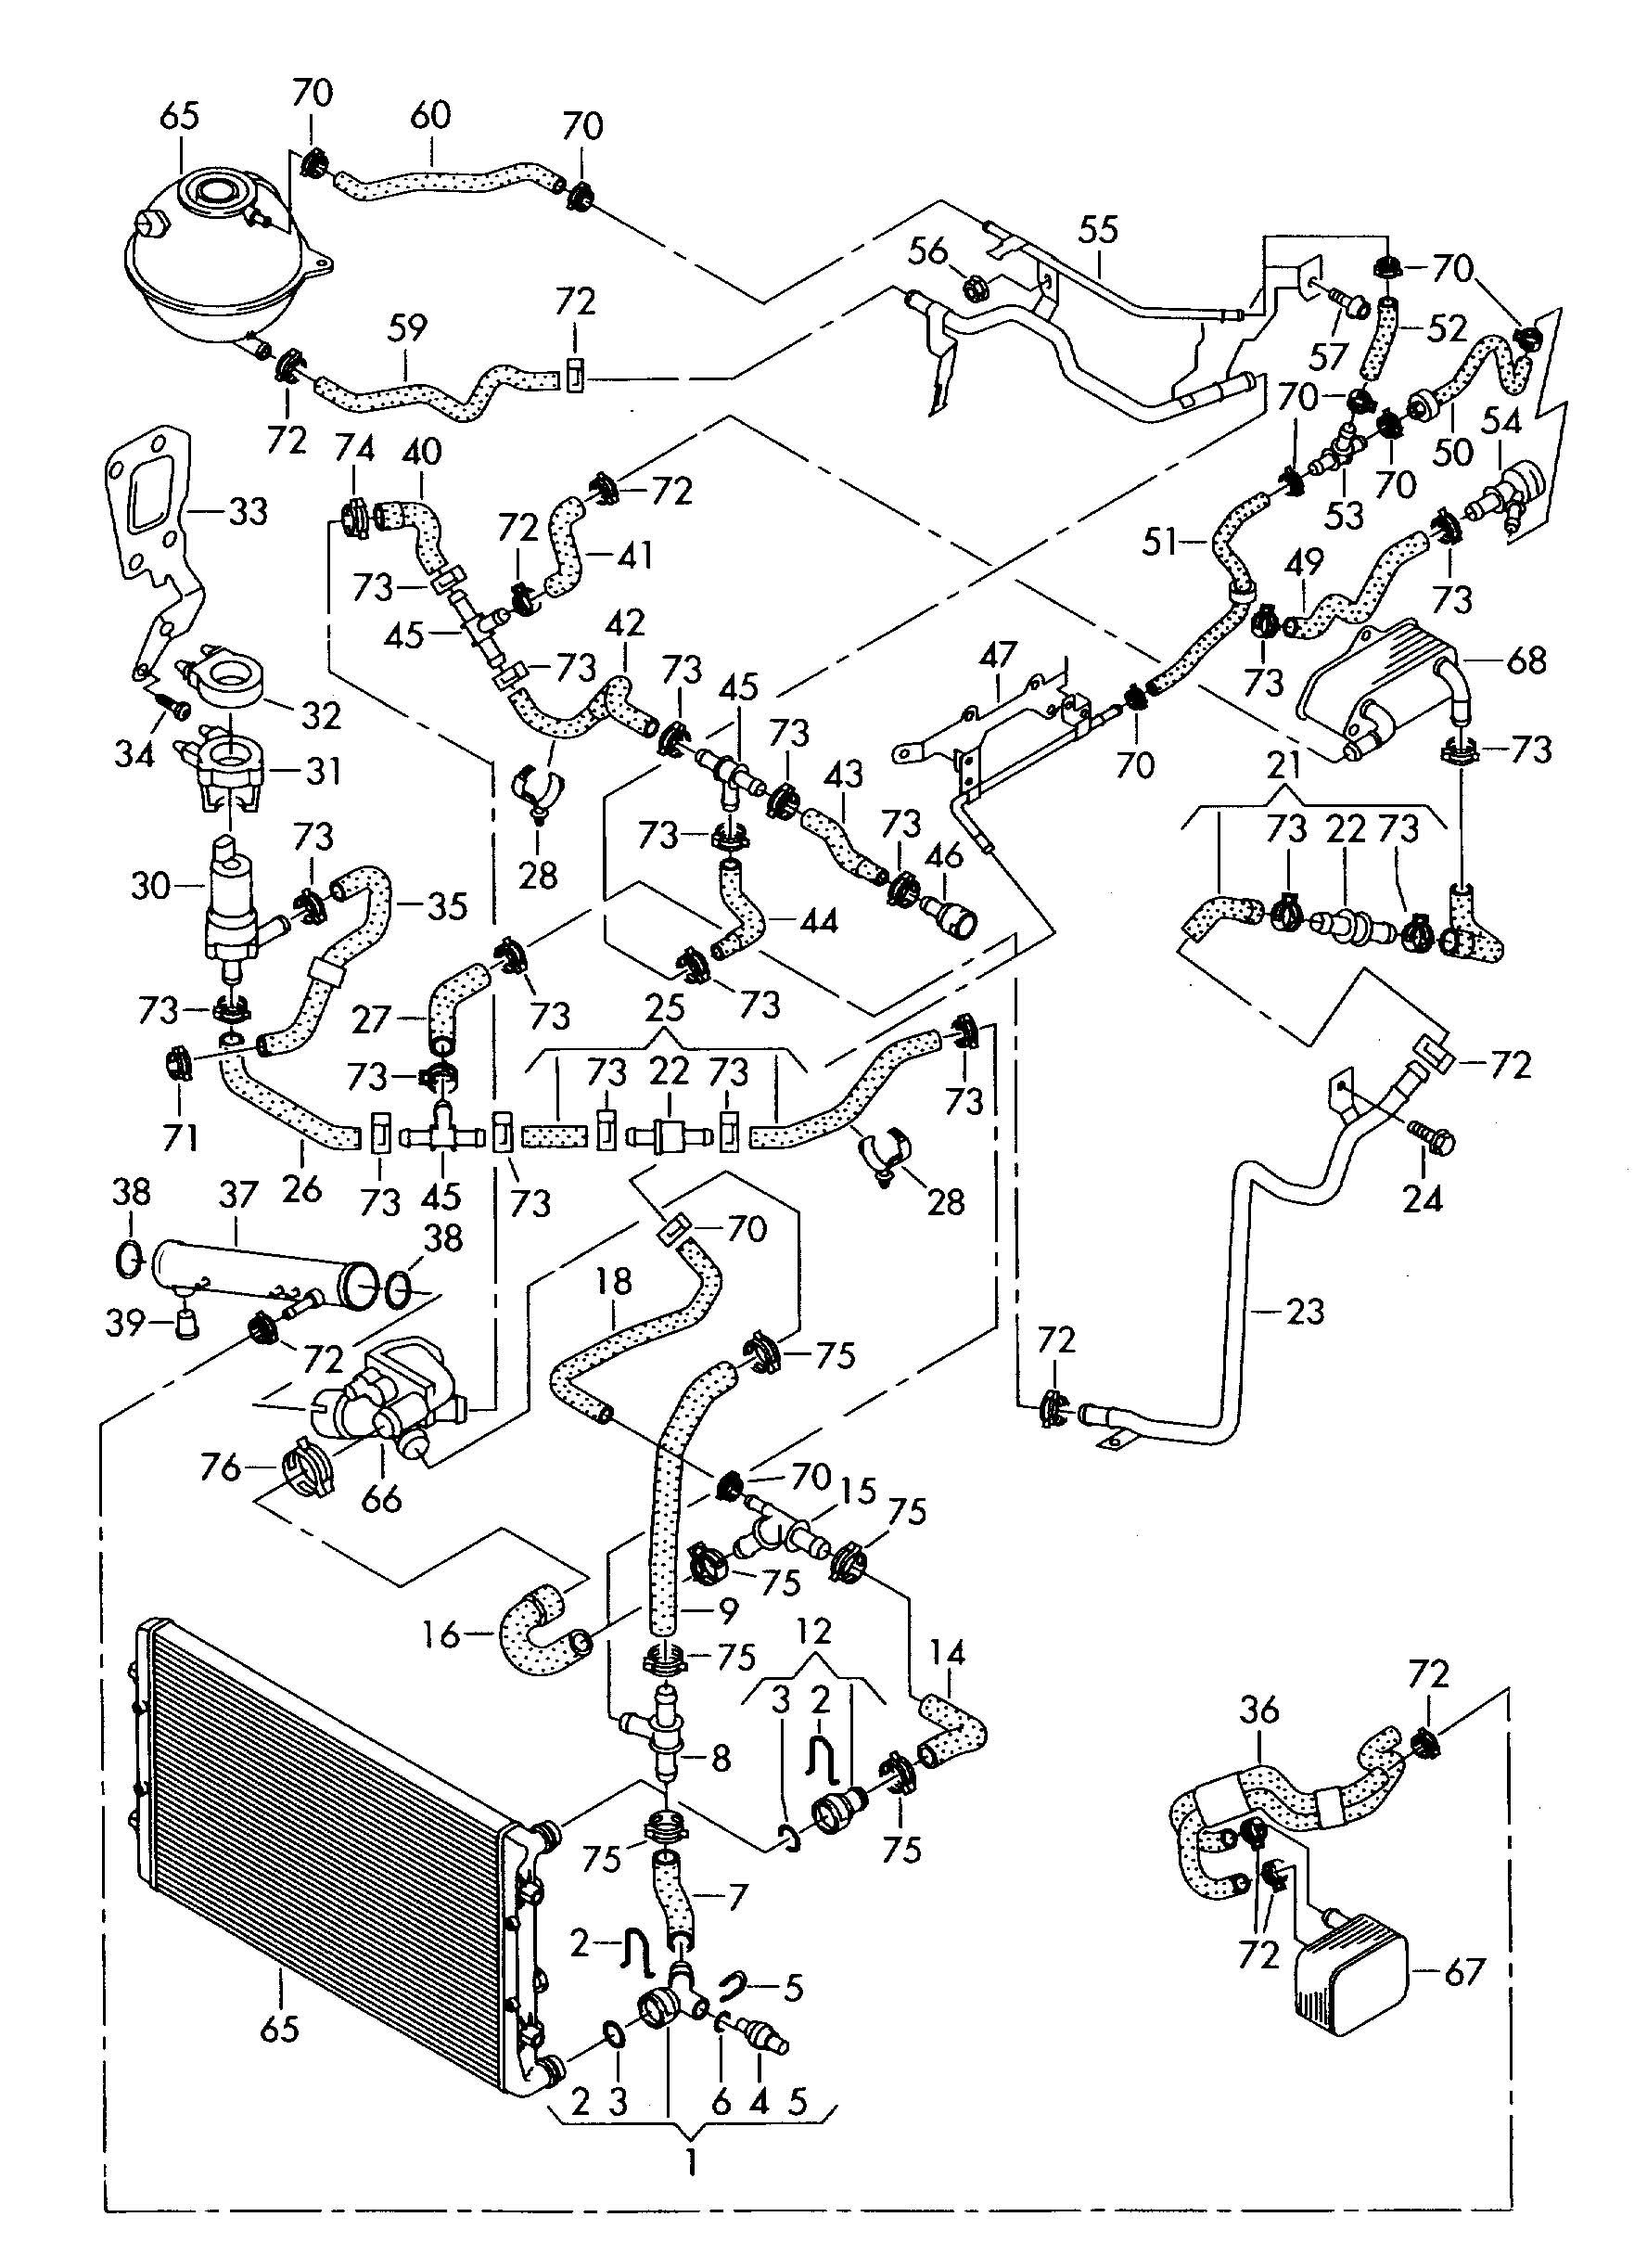 2002 vw cabrio wiring diagram